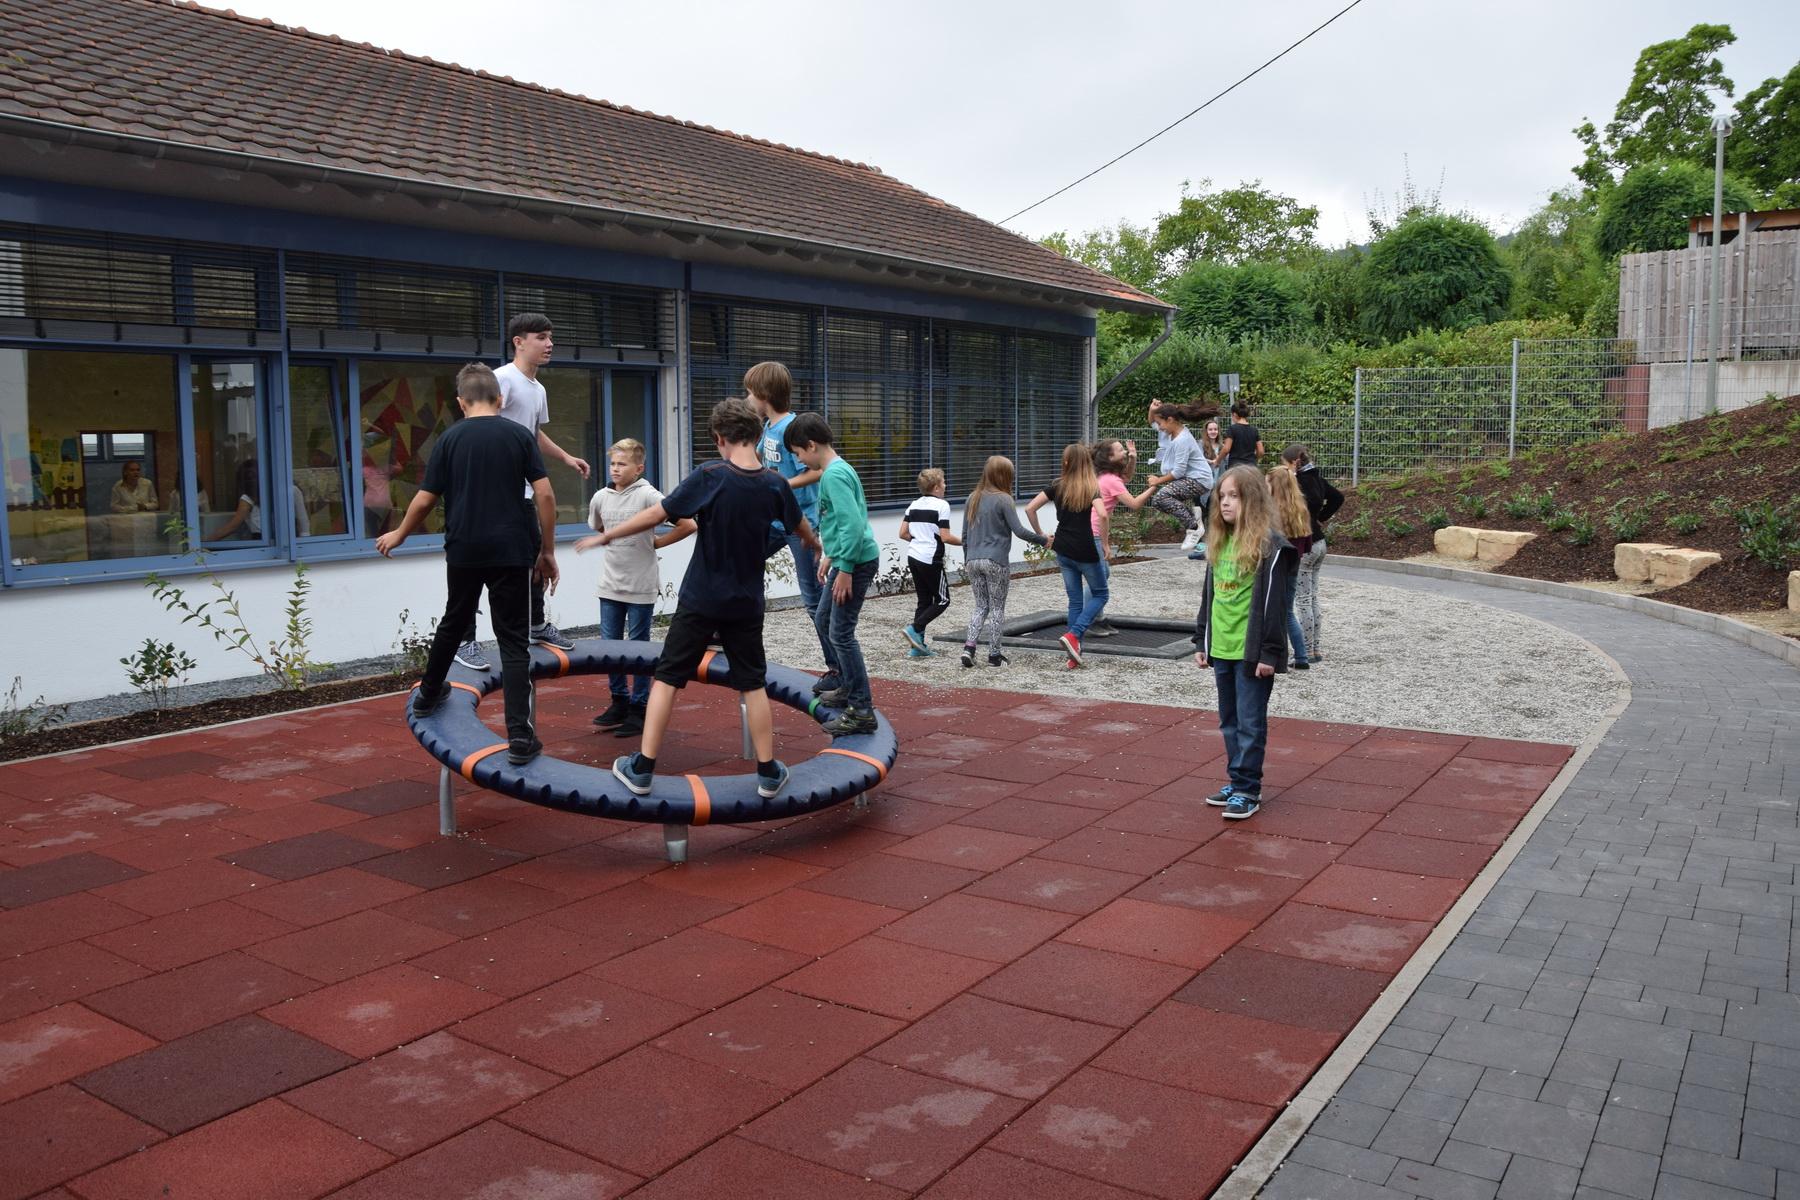 Spielgeräte auf dem Schulhof des Gymnasiums am Stefansberg in Merzig